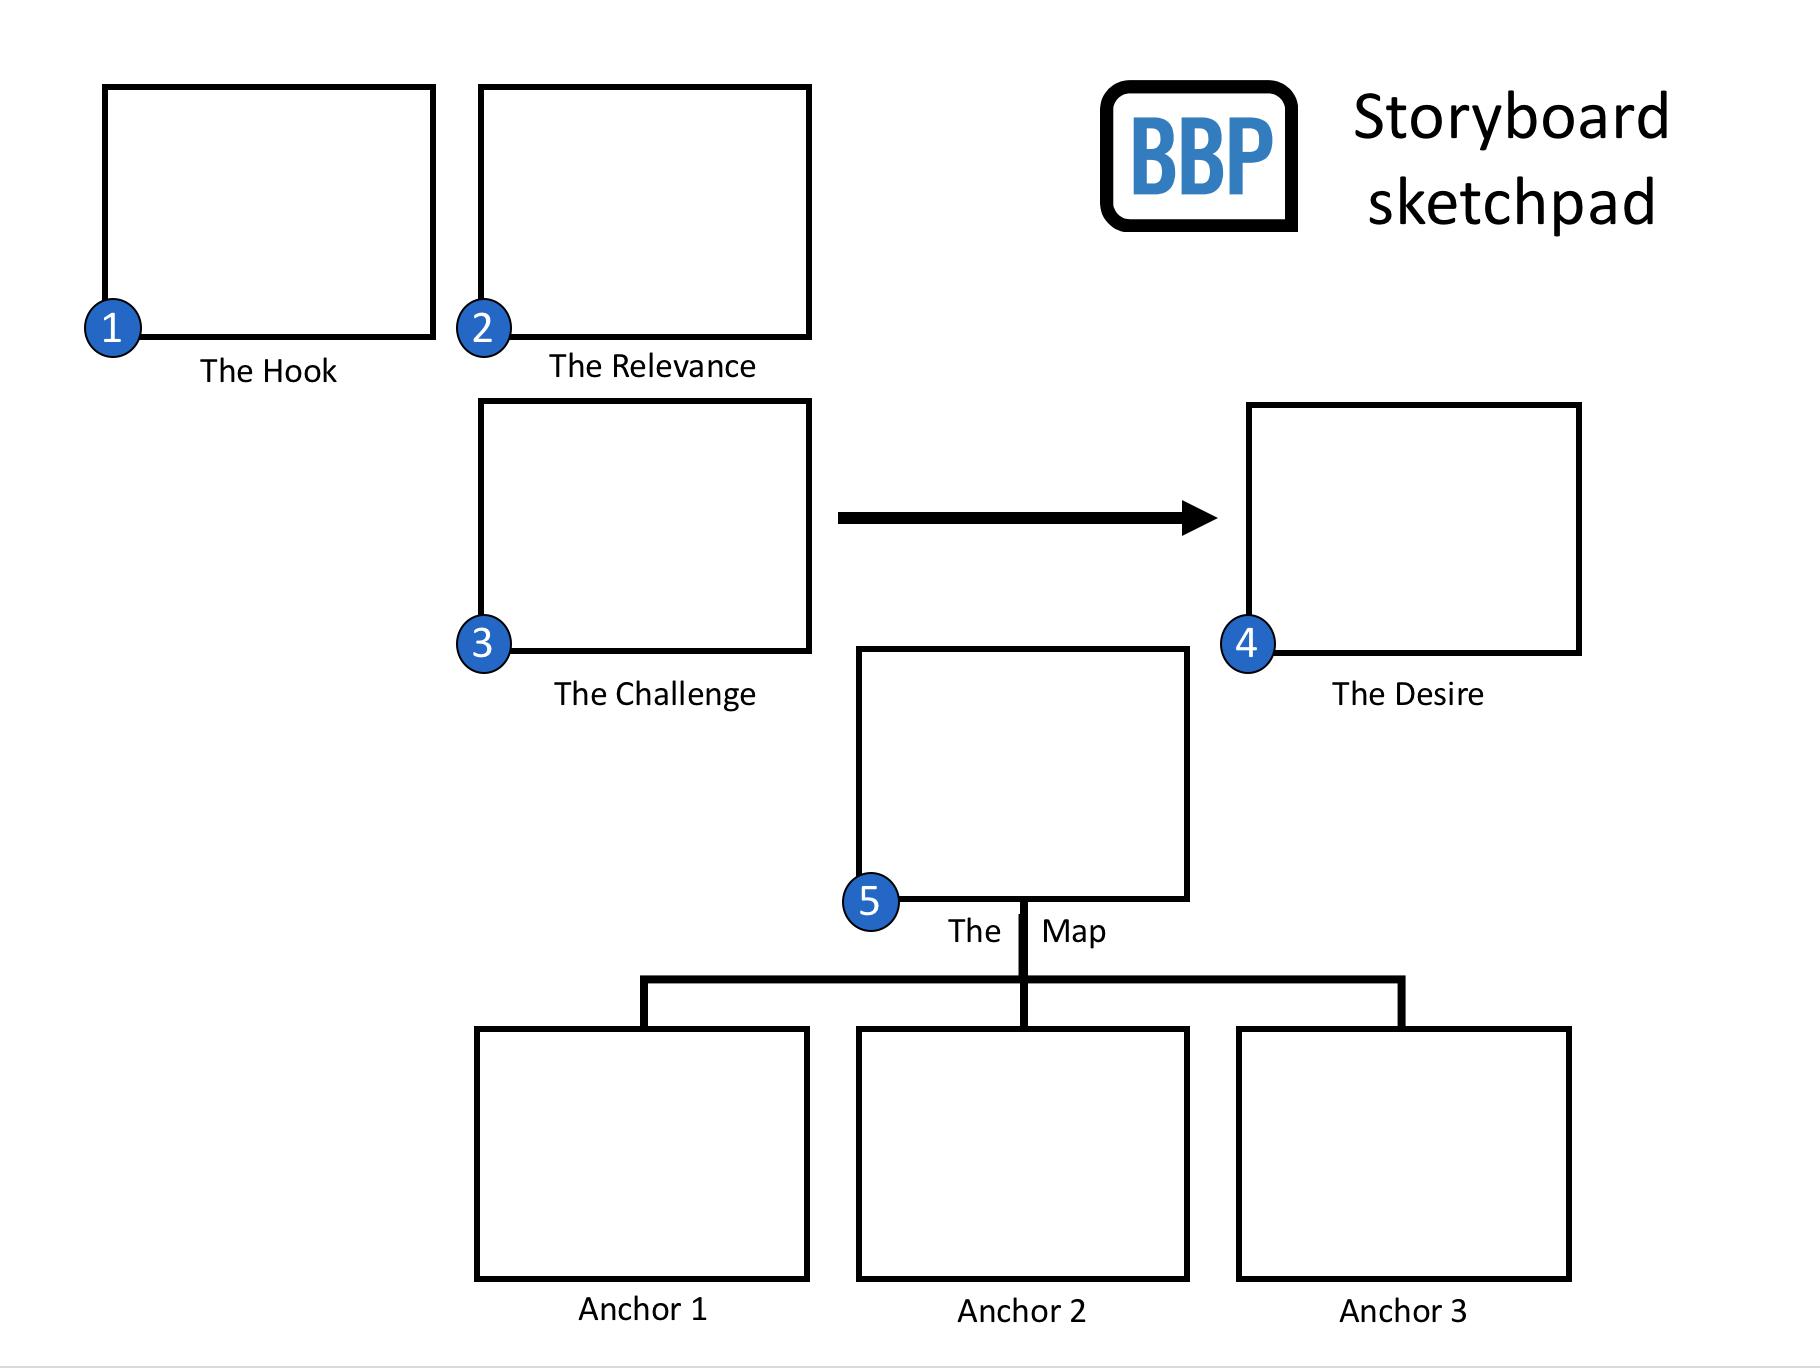 BBP Storyboard Sketchpad